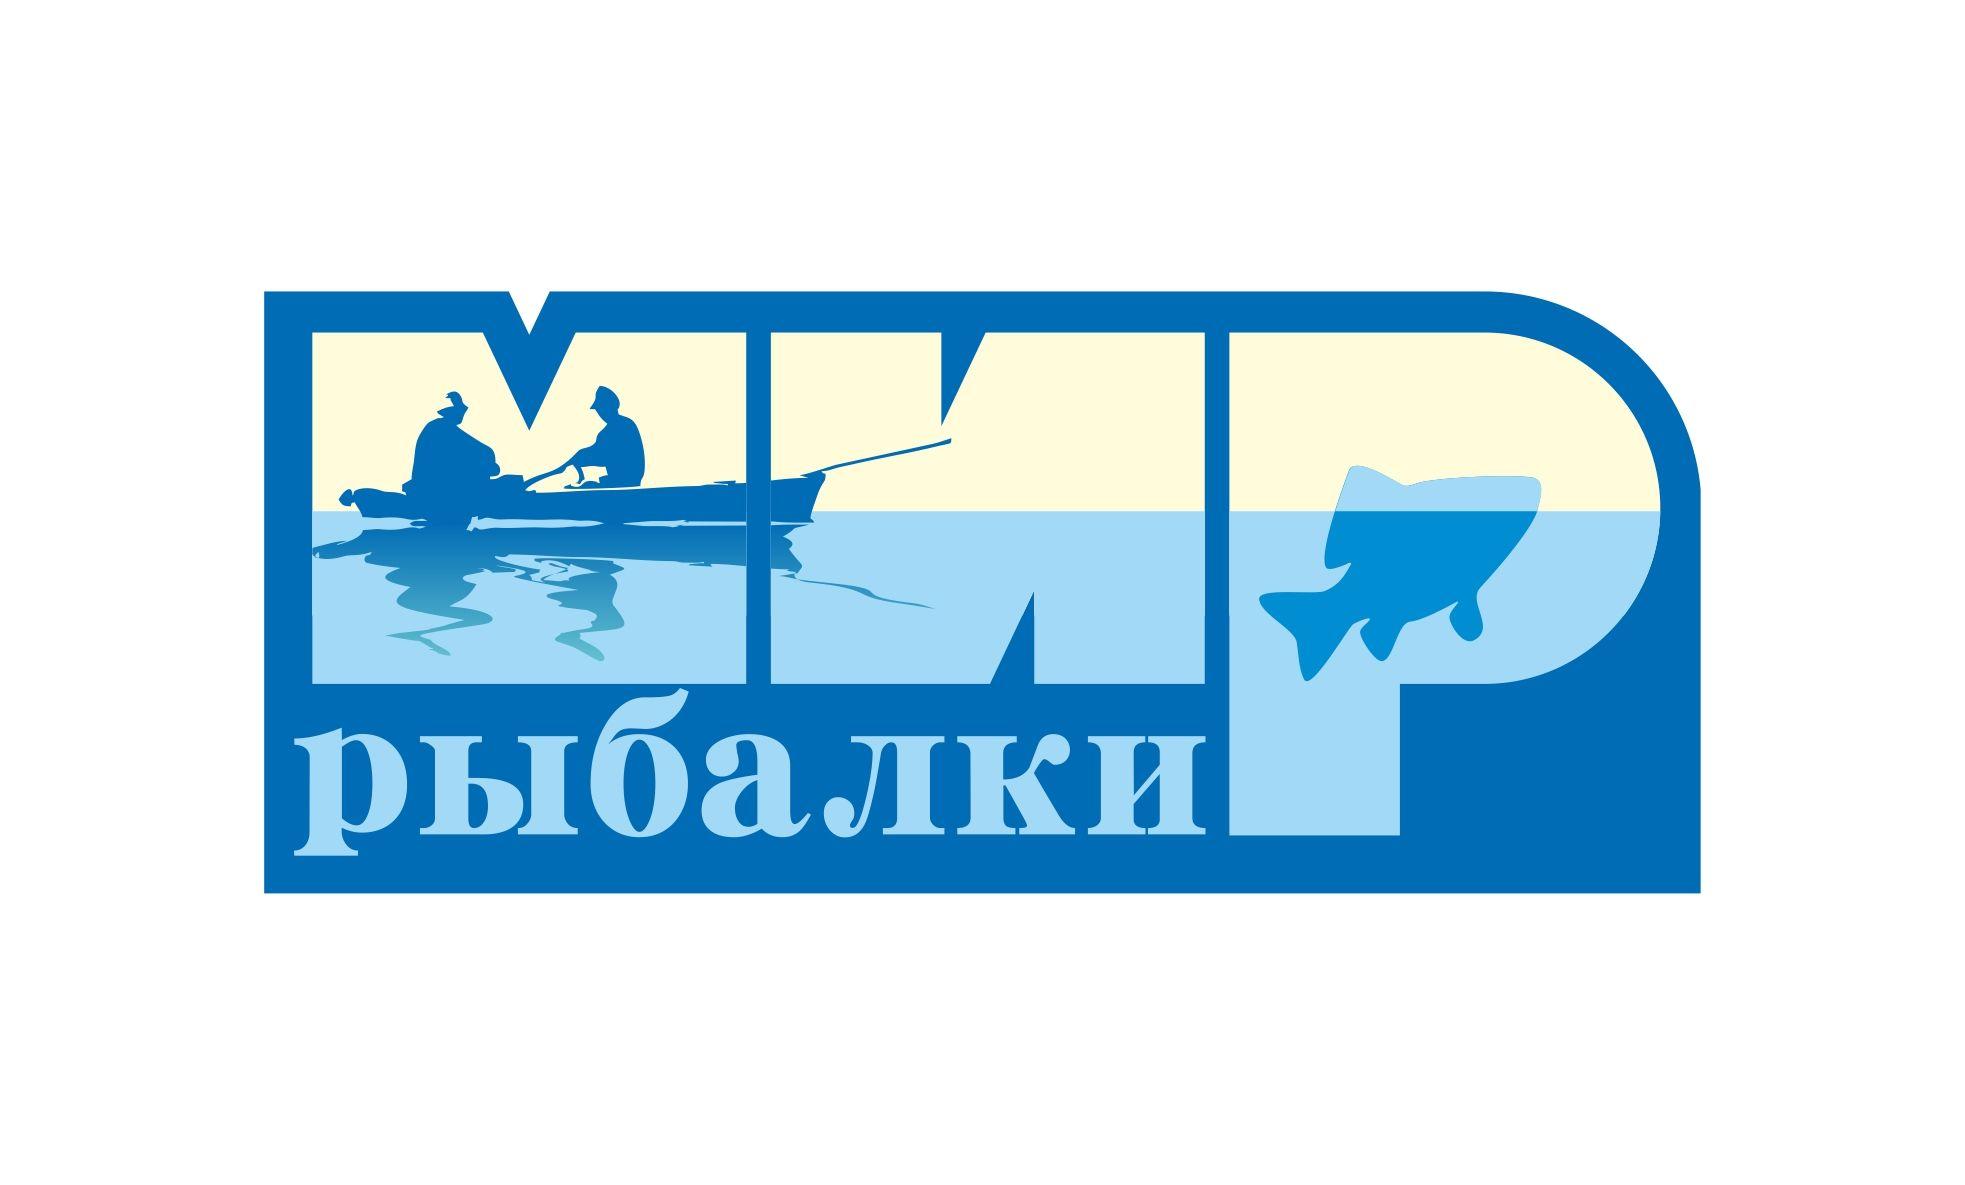 Логотип рыболовного магазина - дизайнер Kairat_D